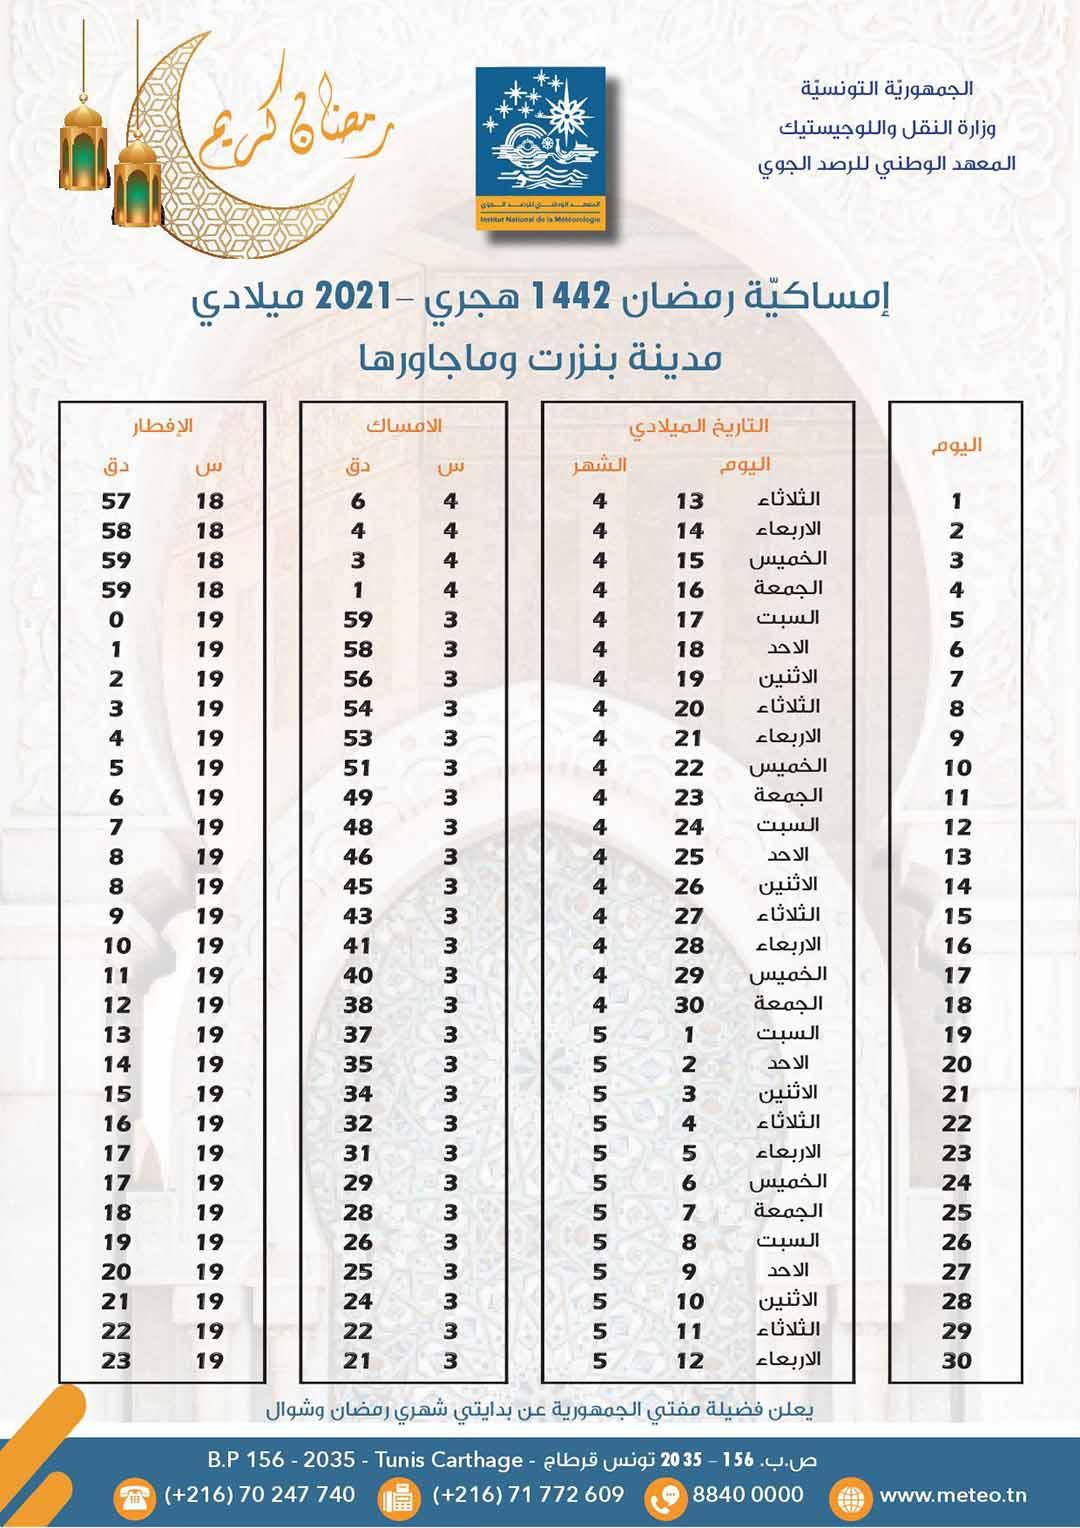 مواعيد الافطار و السحور في ولاية بنزرت رمضان 2021 1 - هام: مواعيد الافطار والامساك لشهر رمضان حسب الولايات..